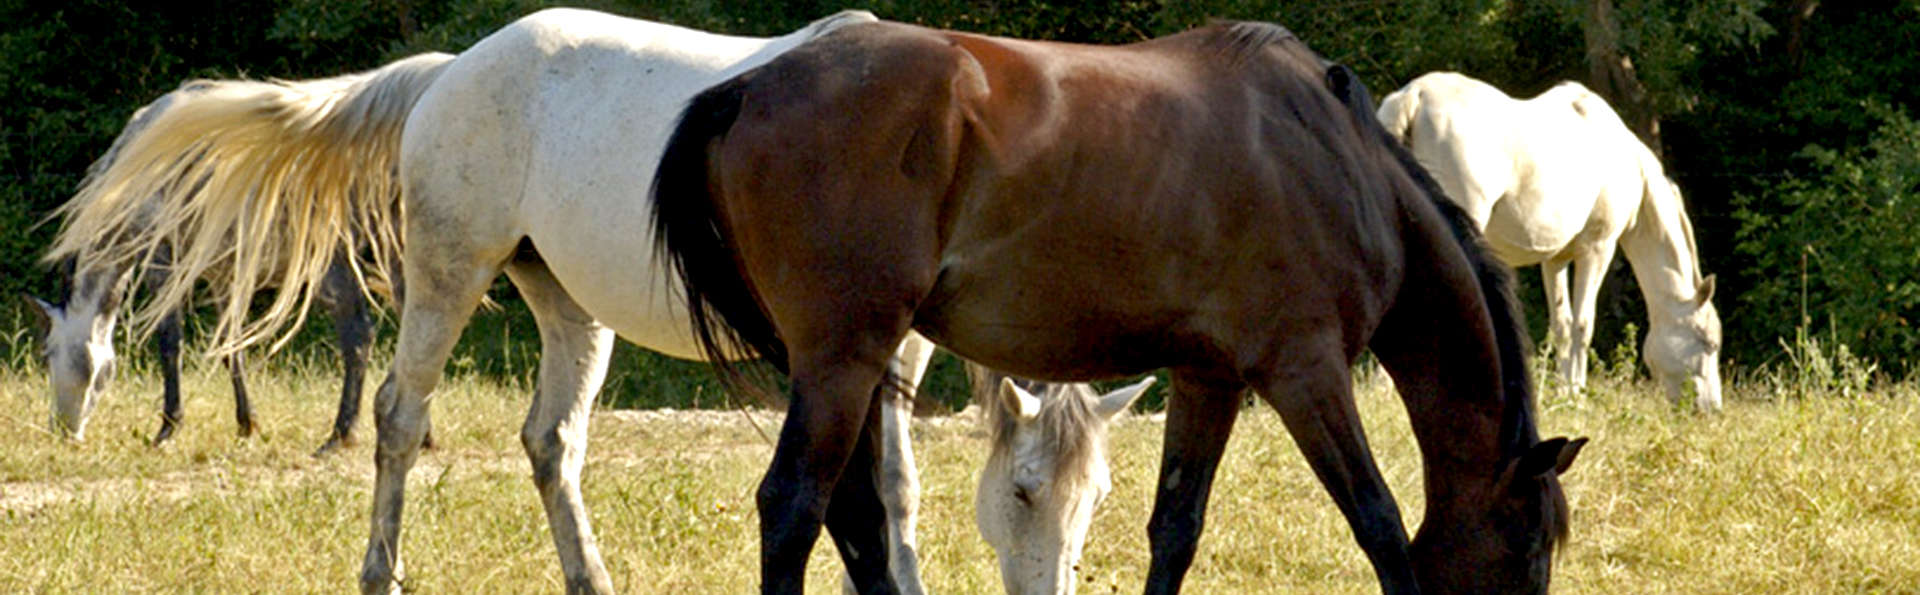 Agriturismo Il Felcino - Edit_Horses3.jpg